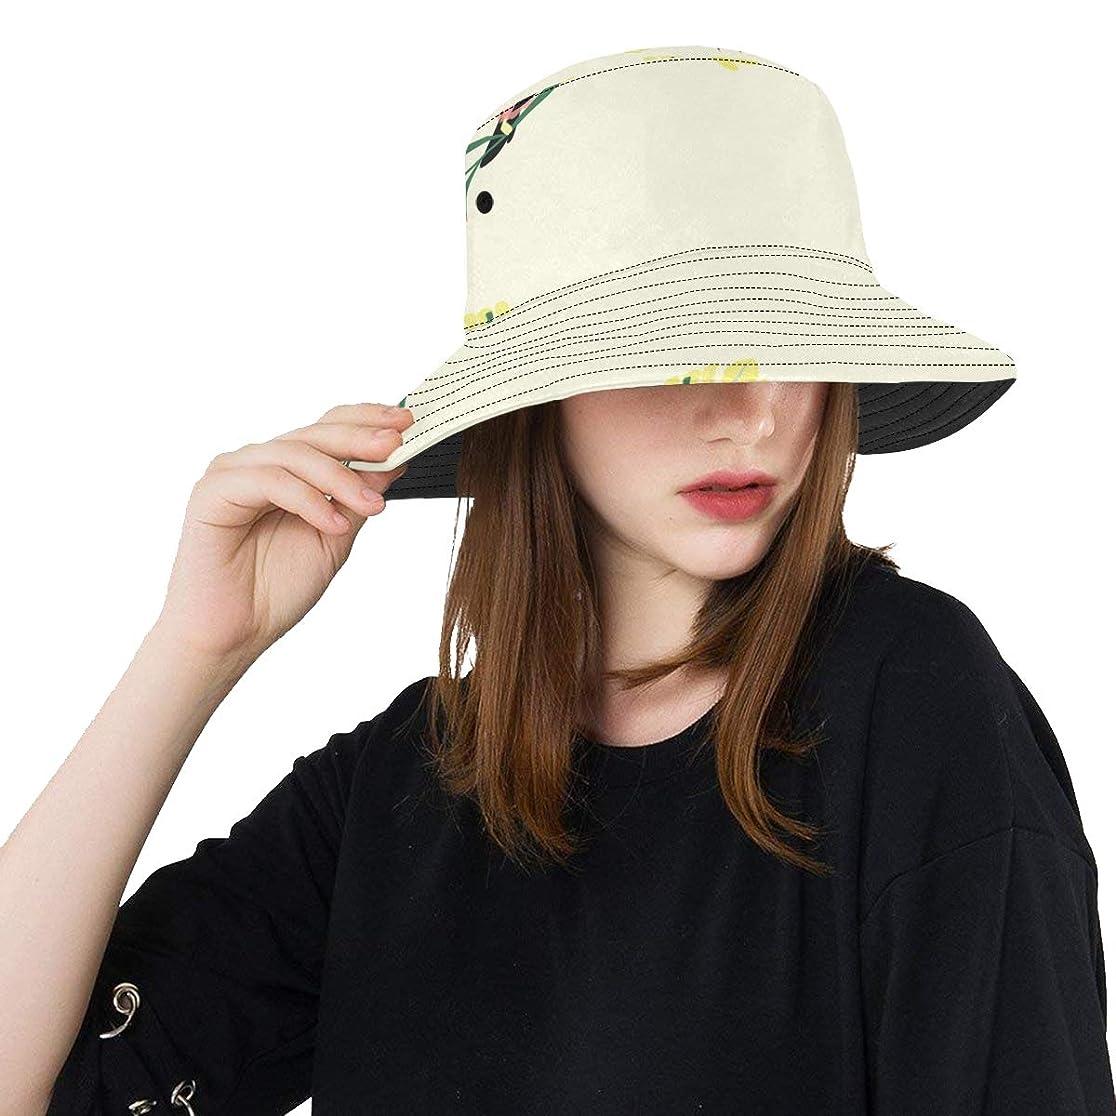 ローマ人最少まだらJKDLER Uvカット帽子 かわいいオウムや木の葉 バケットハット サンバイザー 日よけ 日焼け止め レディース 女子 綿 つば広 おしゃれ 折りたたみ 春夏 ストローハット アウトドア 旅行 トラベル 紫外線対策 遮光 吸汗速乾 小顔効果抜群